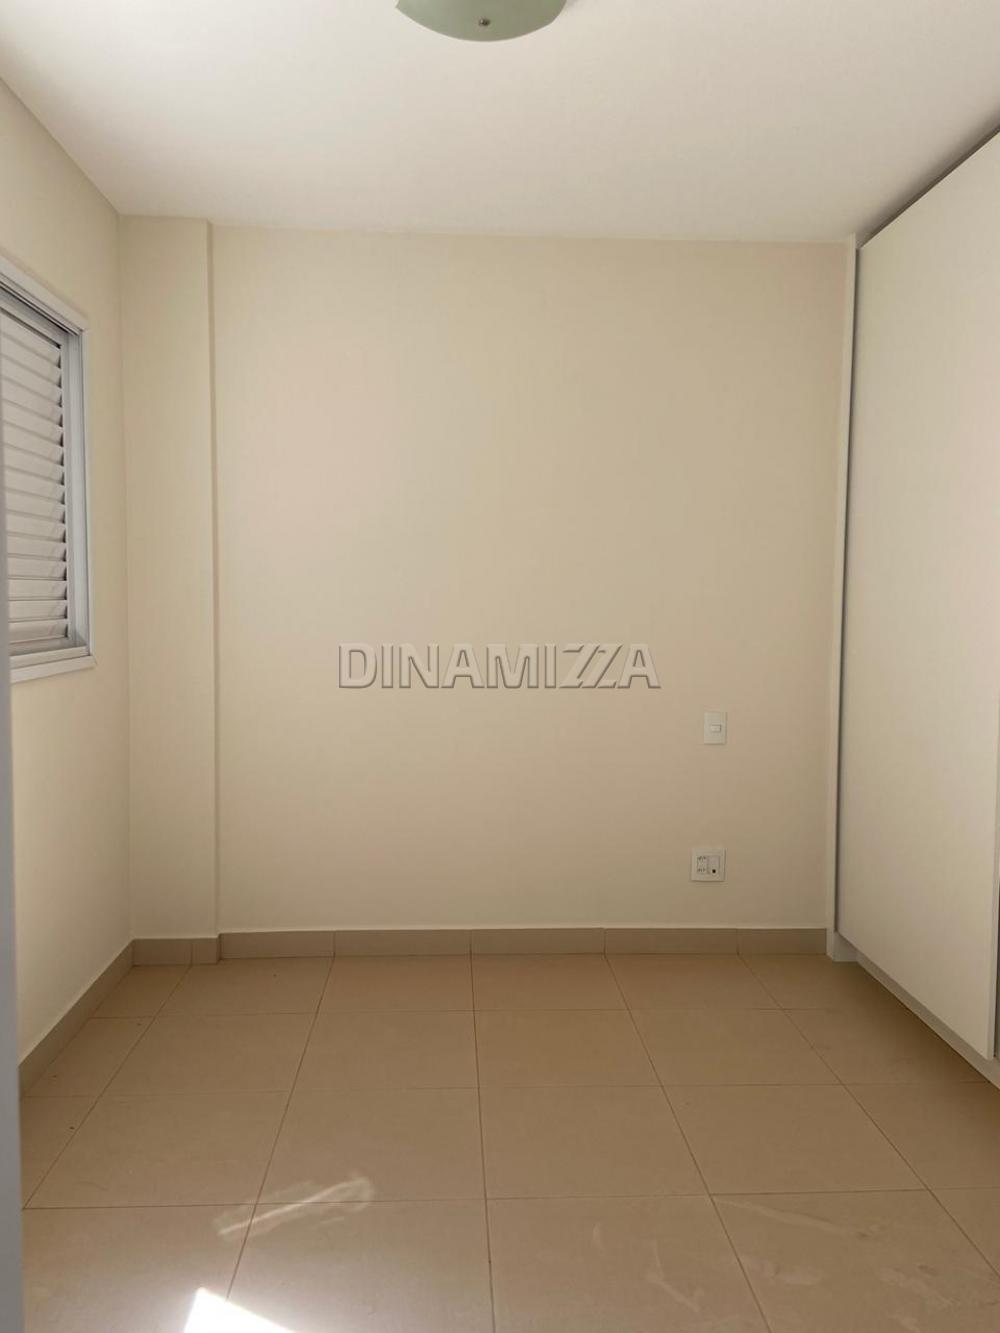 Alugar Apartamento / Padrão em Uberaba apenas R$ 2.700,00 - Foto 15